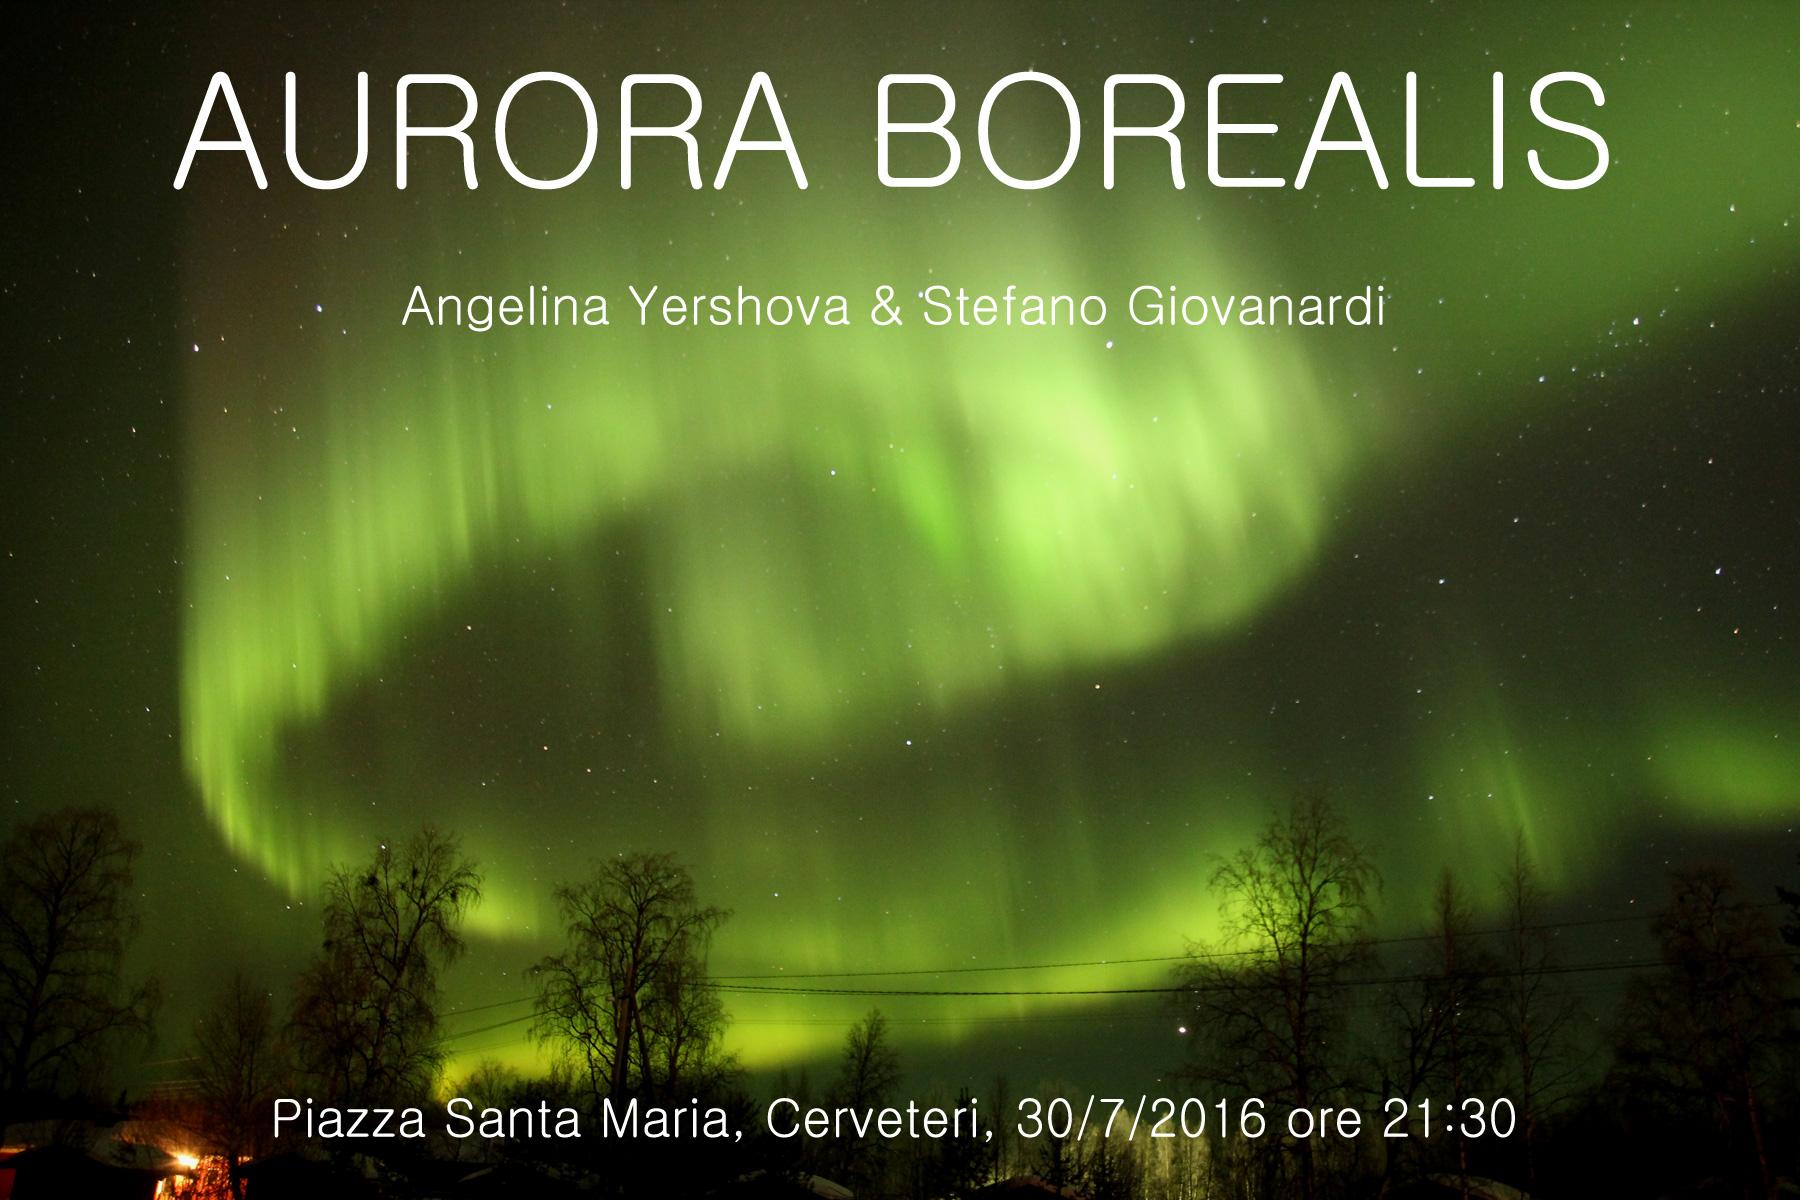 auroraborealis_cerveteri2